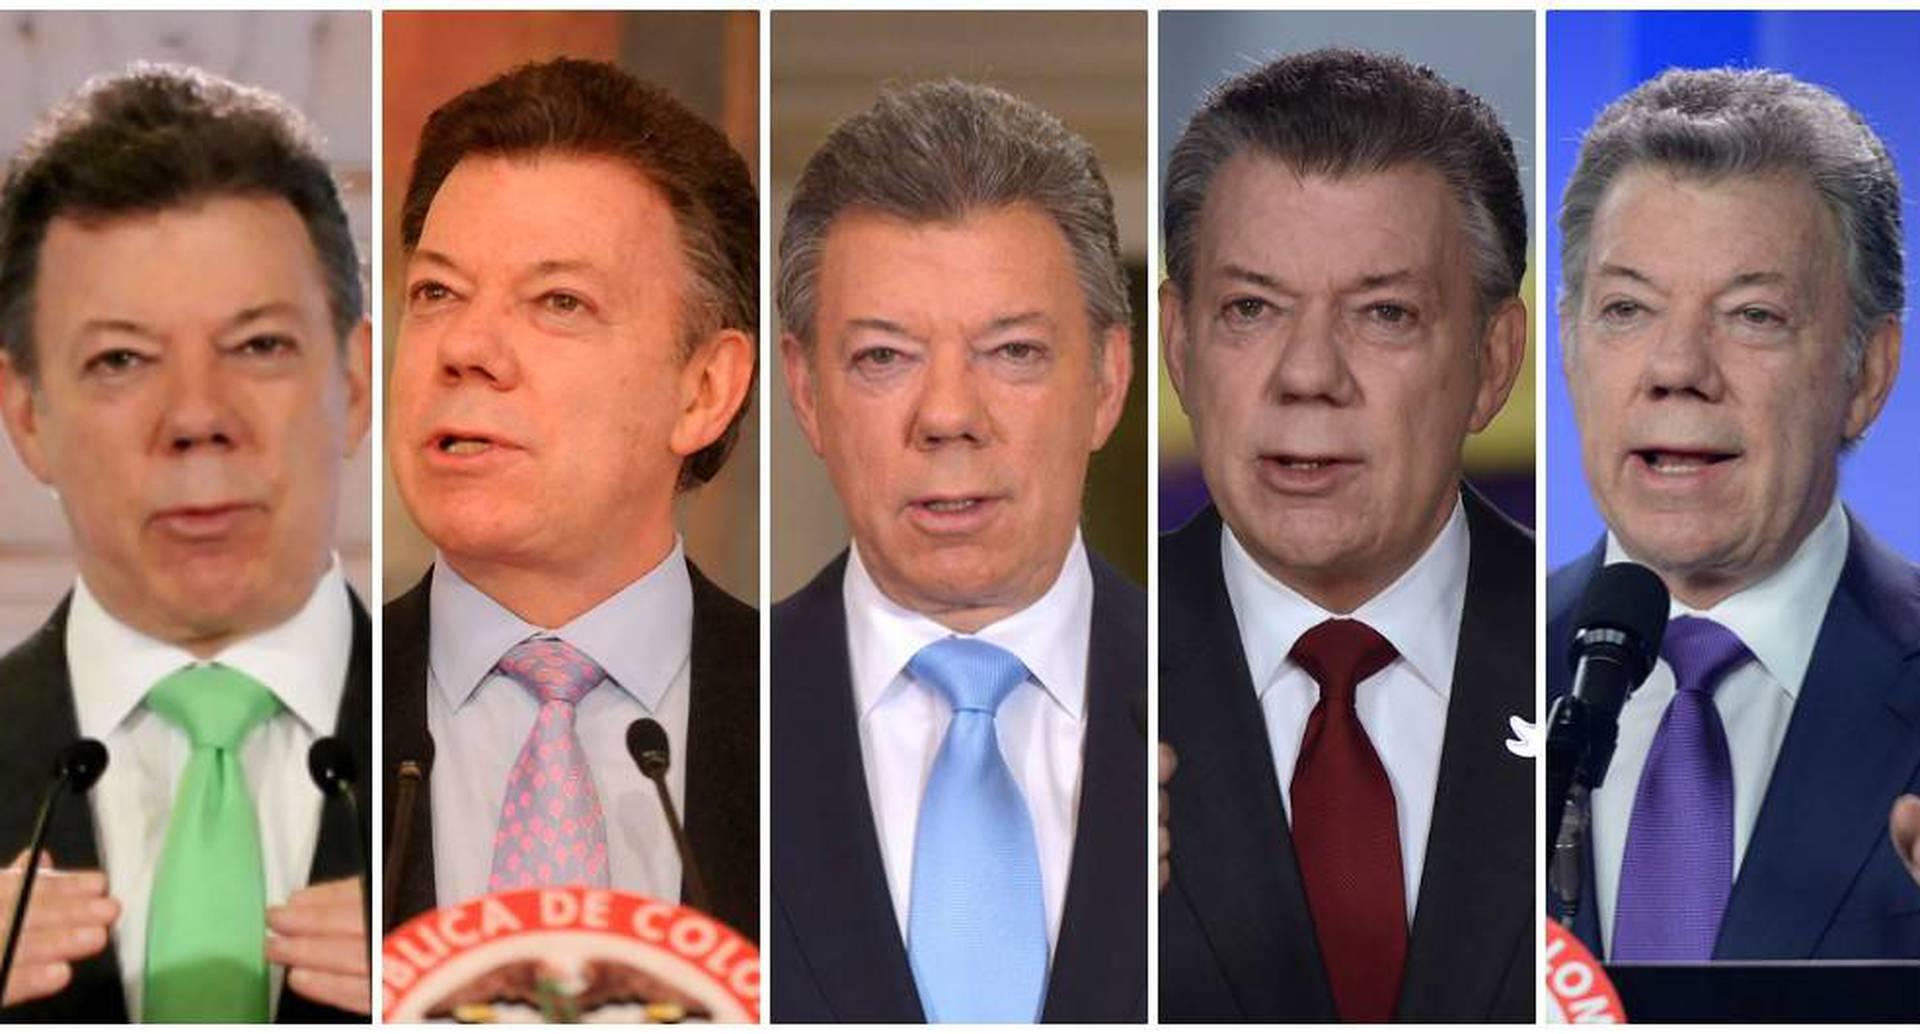 Dos periodos presidenciales. Santos tuvo días dulces, otros amargos. El mejor -dice-, cuando ganó el Nobel de Paz. El más doloroso, perder el plebiscito. Estar al mando de un país convulsionado como Colombia le saca muchas canas a los presidentes. Santos no fue la excepción.